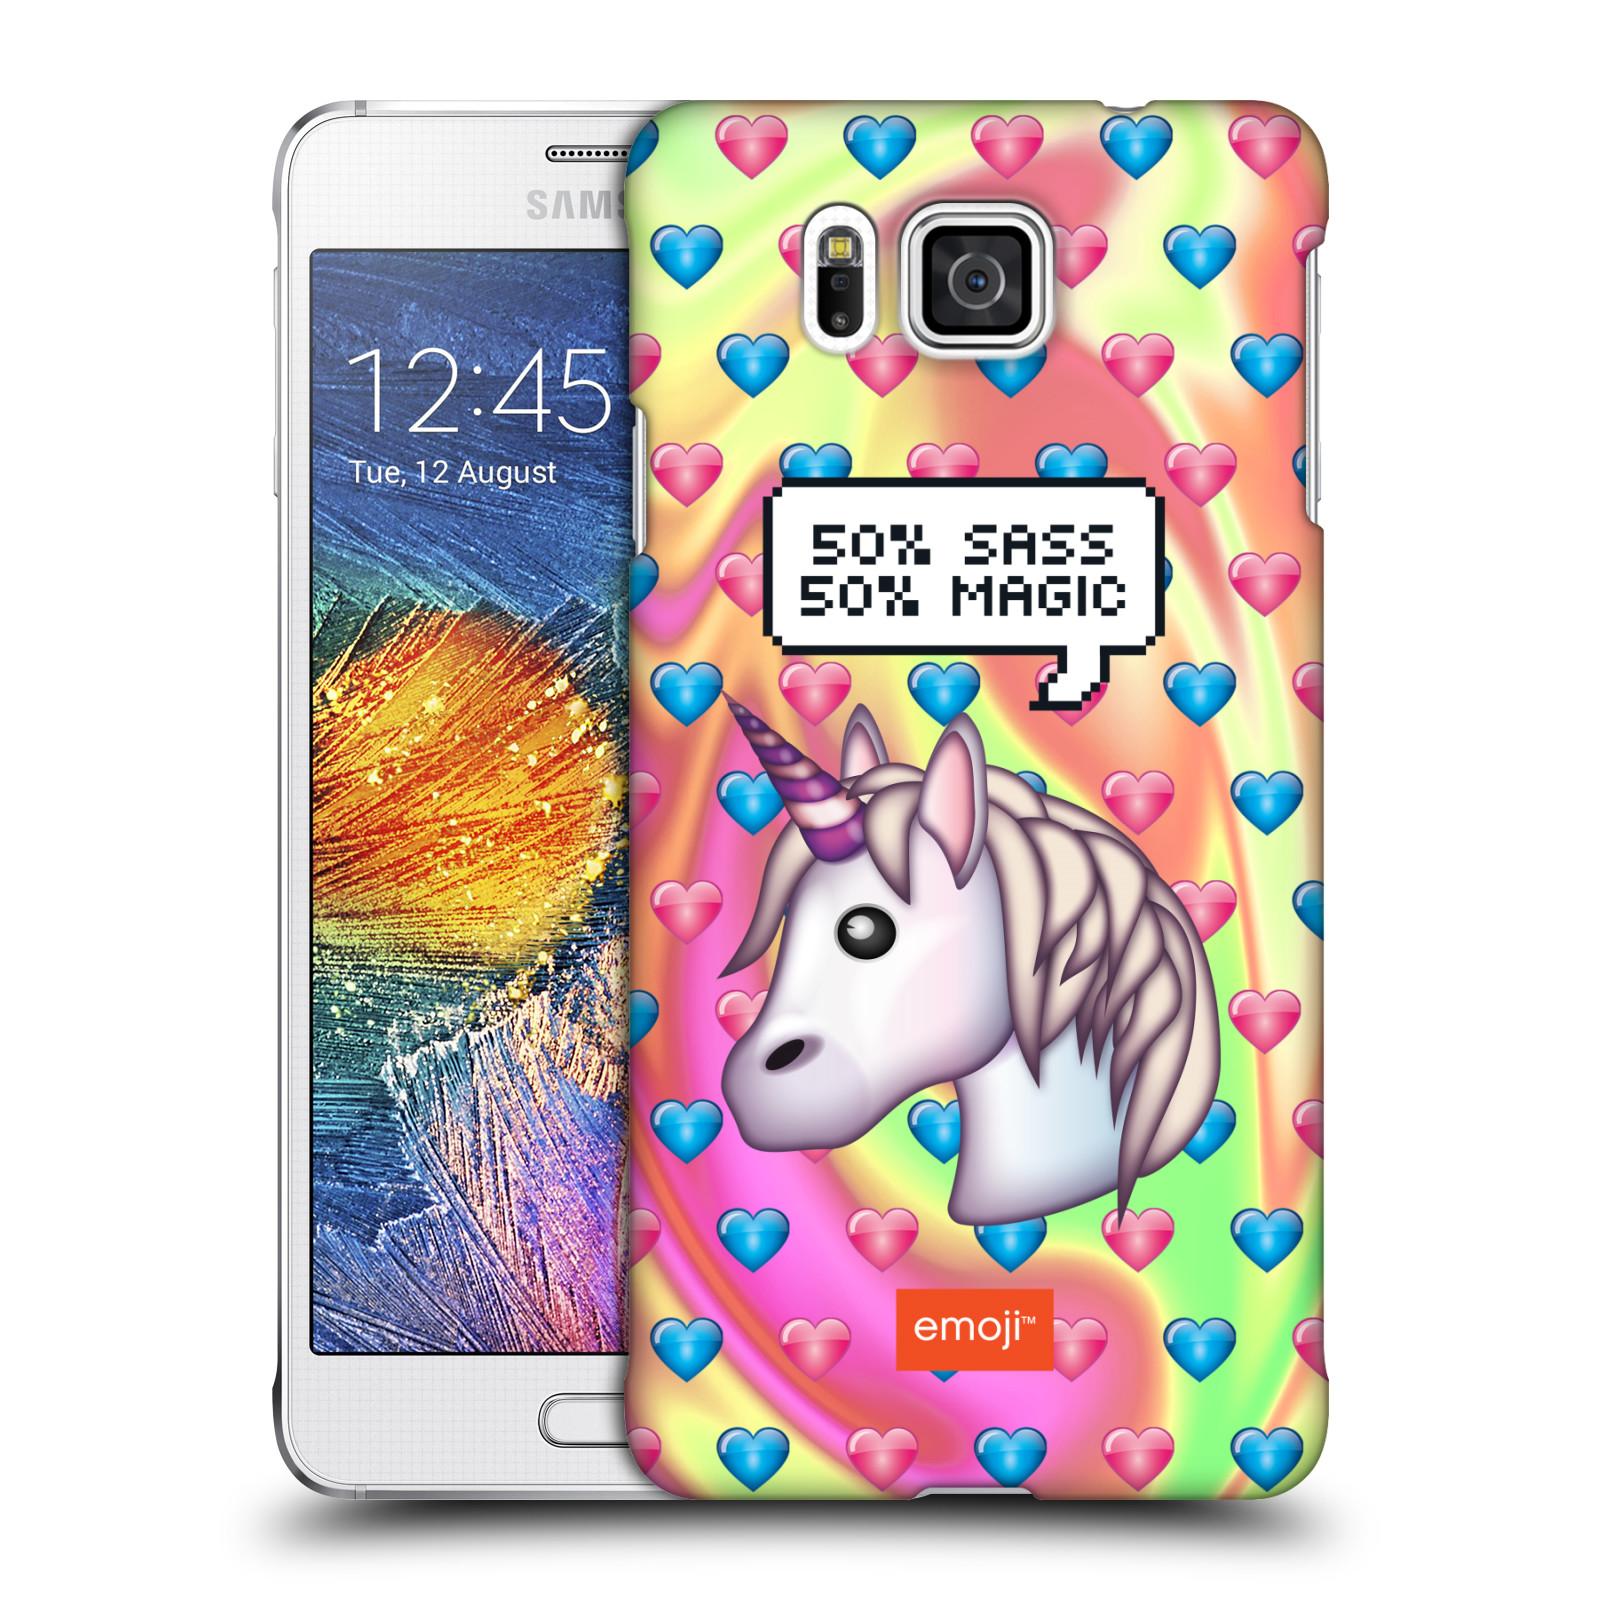 Plastové pouzdro na mobil Samsung Galaxy Alpha HEAD CASE EMOJI - Jednorožec